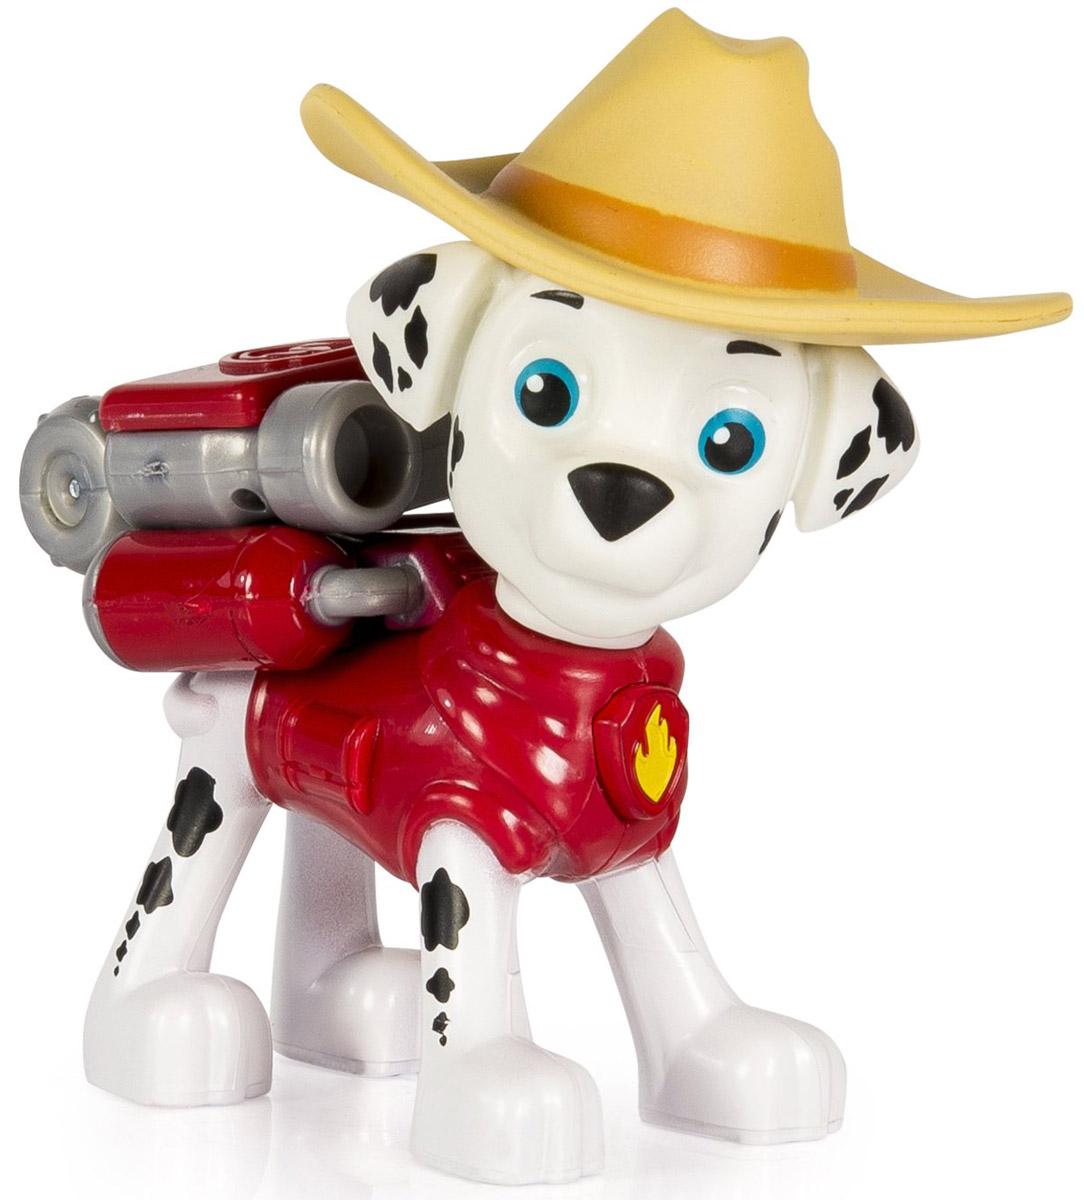 Paw Patrol Фигурка Cowboy Marshall16655_20070719_Marshall CowboyФигурка щенка-спасателя Paw Patrol Cowboy Marshall станет отличным подарком для любого поклонника мультфильма. У щенка на спине закреплен рюкзак-трансформер с уникальными функциями, знакомыми по мультфильму. Рюкзак активируется нажатием медальона на шее фигурки. При нажатии на кнопку, из рюкзака выскакивает пожарный водомет. Игрушка выпущена по второму сезону мультсериала, поэтому на голове щенка одета стильная шляпа. Голова фигурки вращается. Игрушка изготовлена из качественных и безопасных материалов.